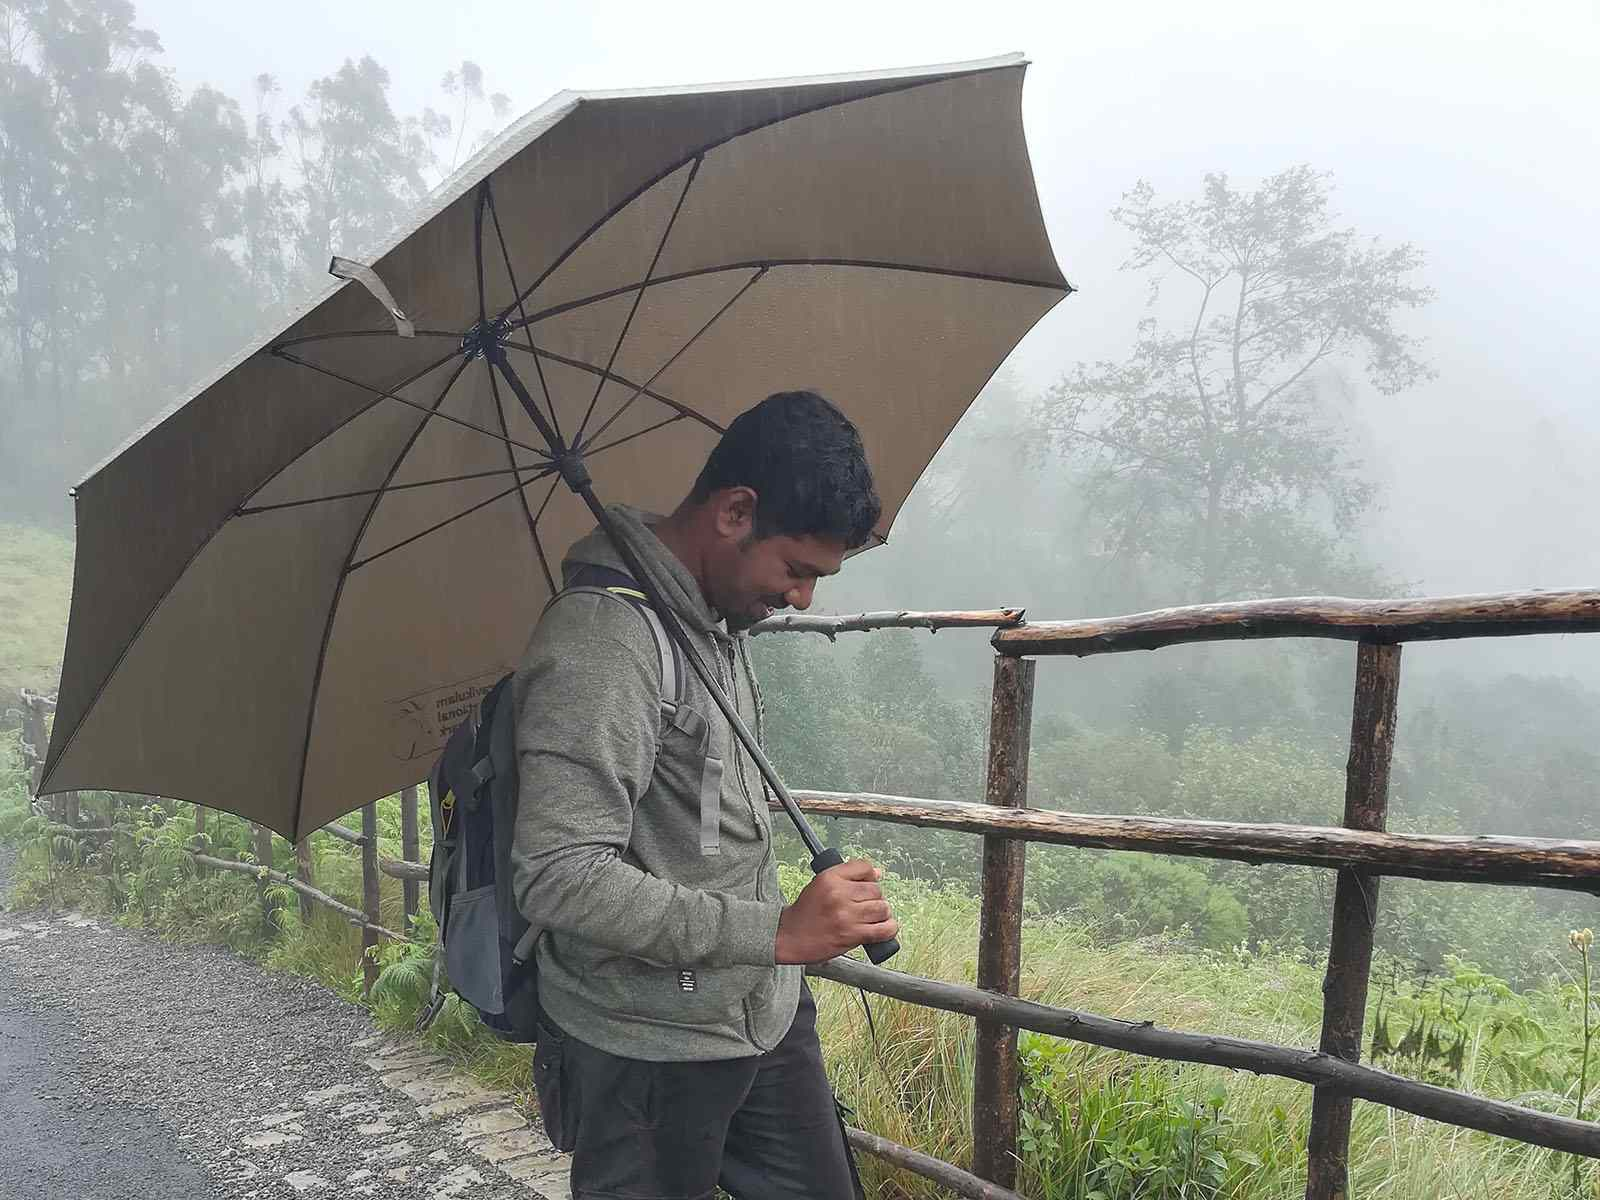 Munnar Rain,Eravikulam national park,Eravikulam forest umbrella,Vinod Sadhasivan